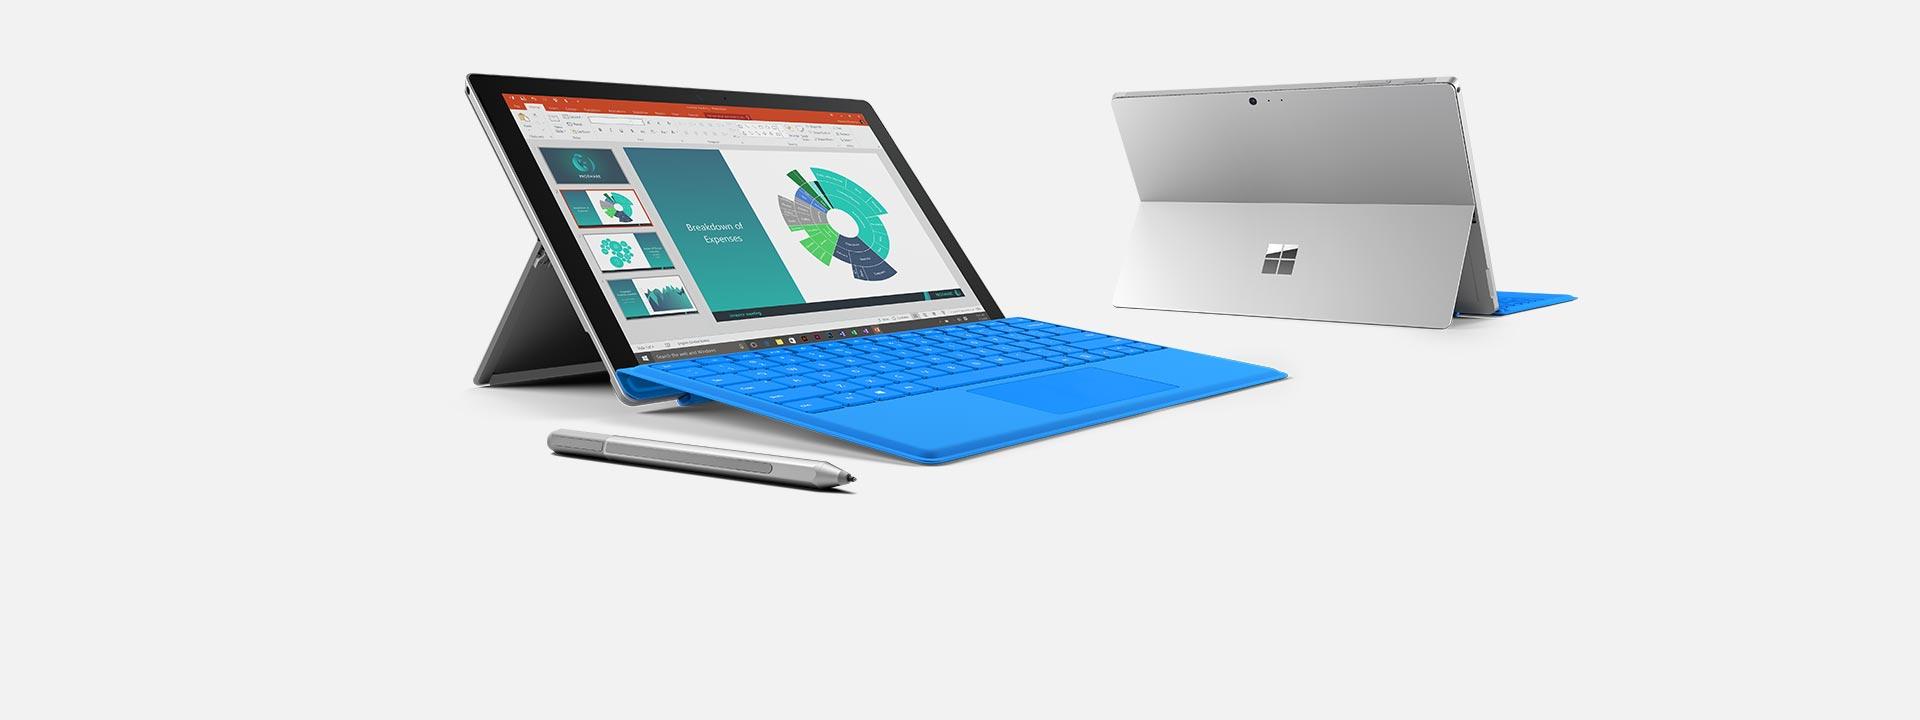 Surface Pro 4-enheder, læs mere om dem